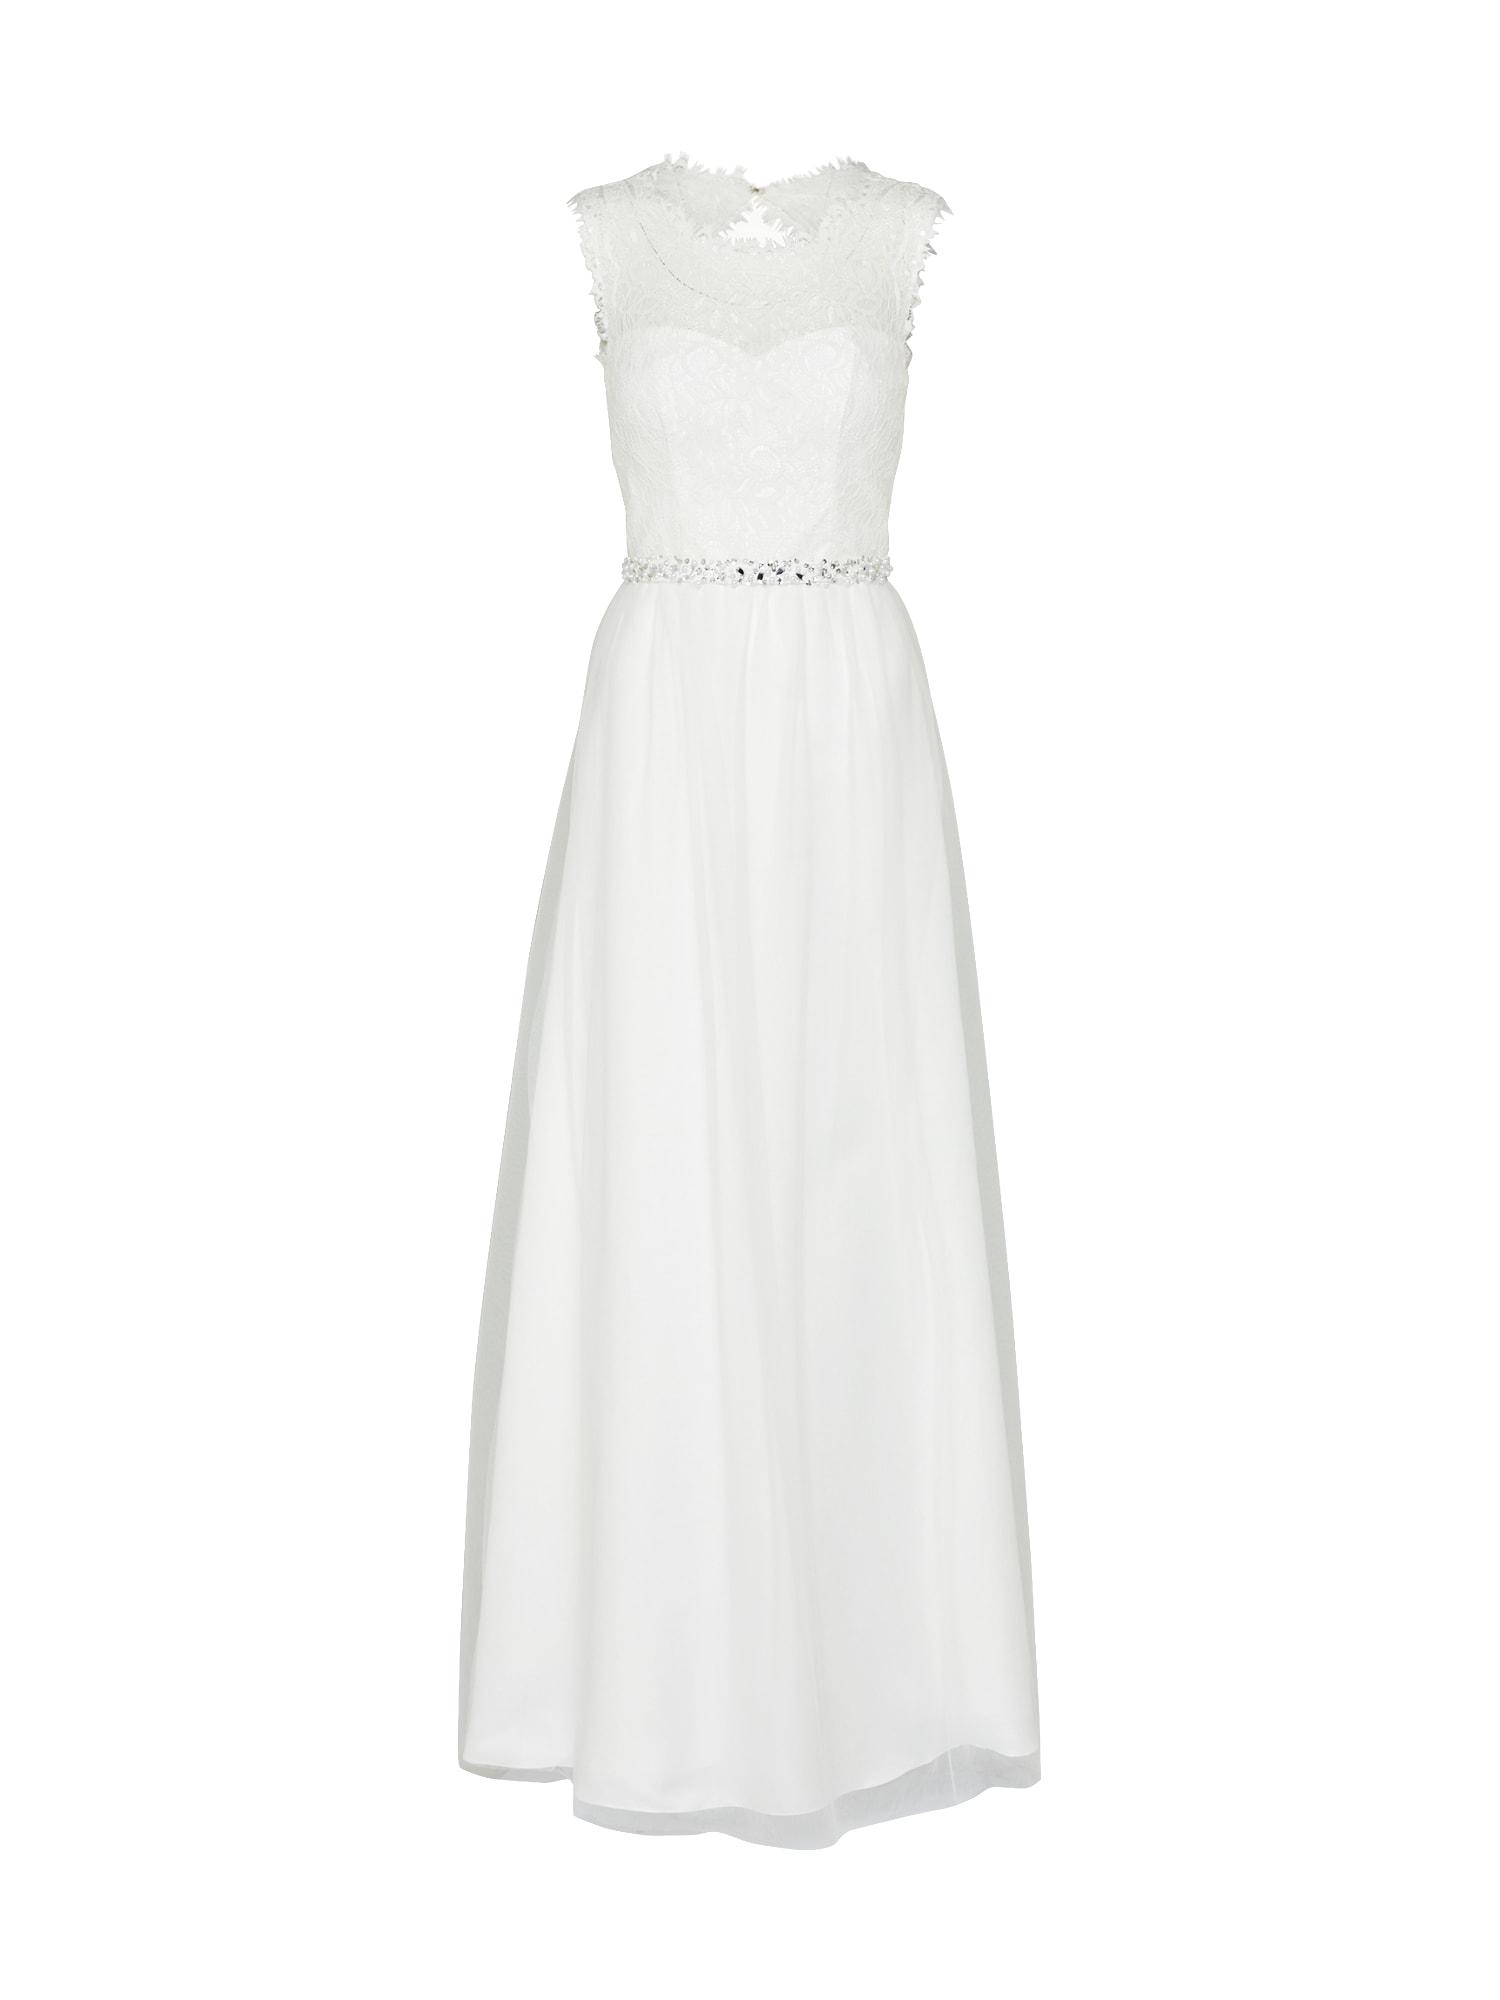 Ergebnisse zu: Spitze   Brautkleiderverkauf.de